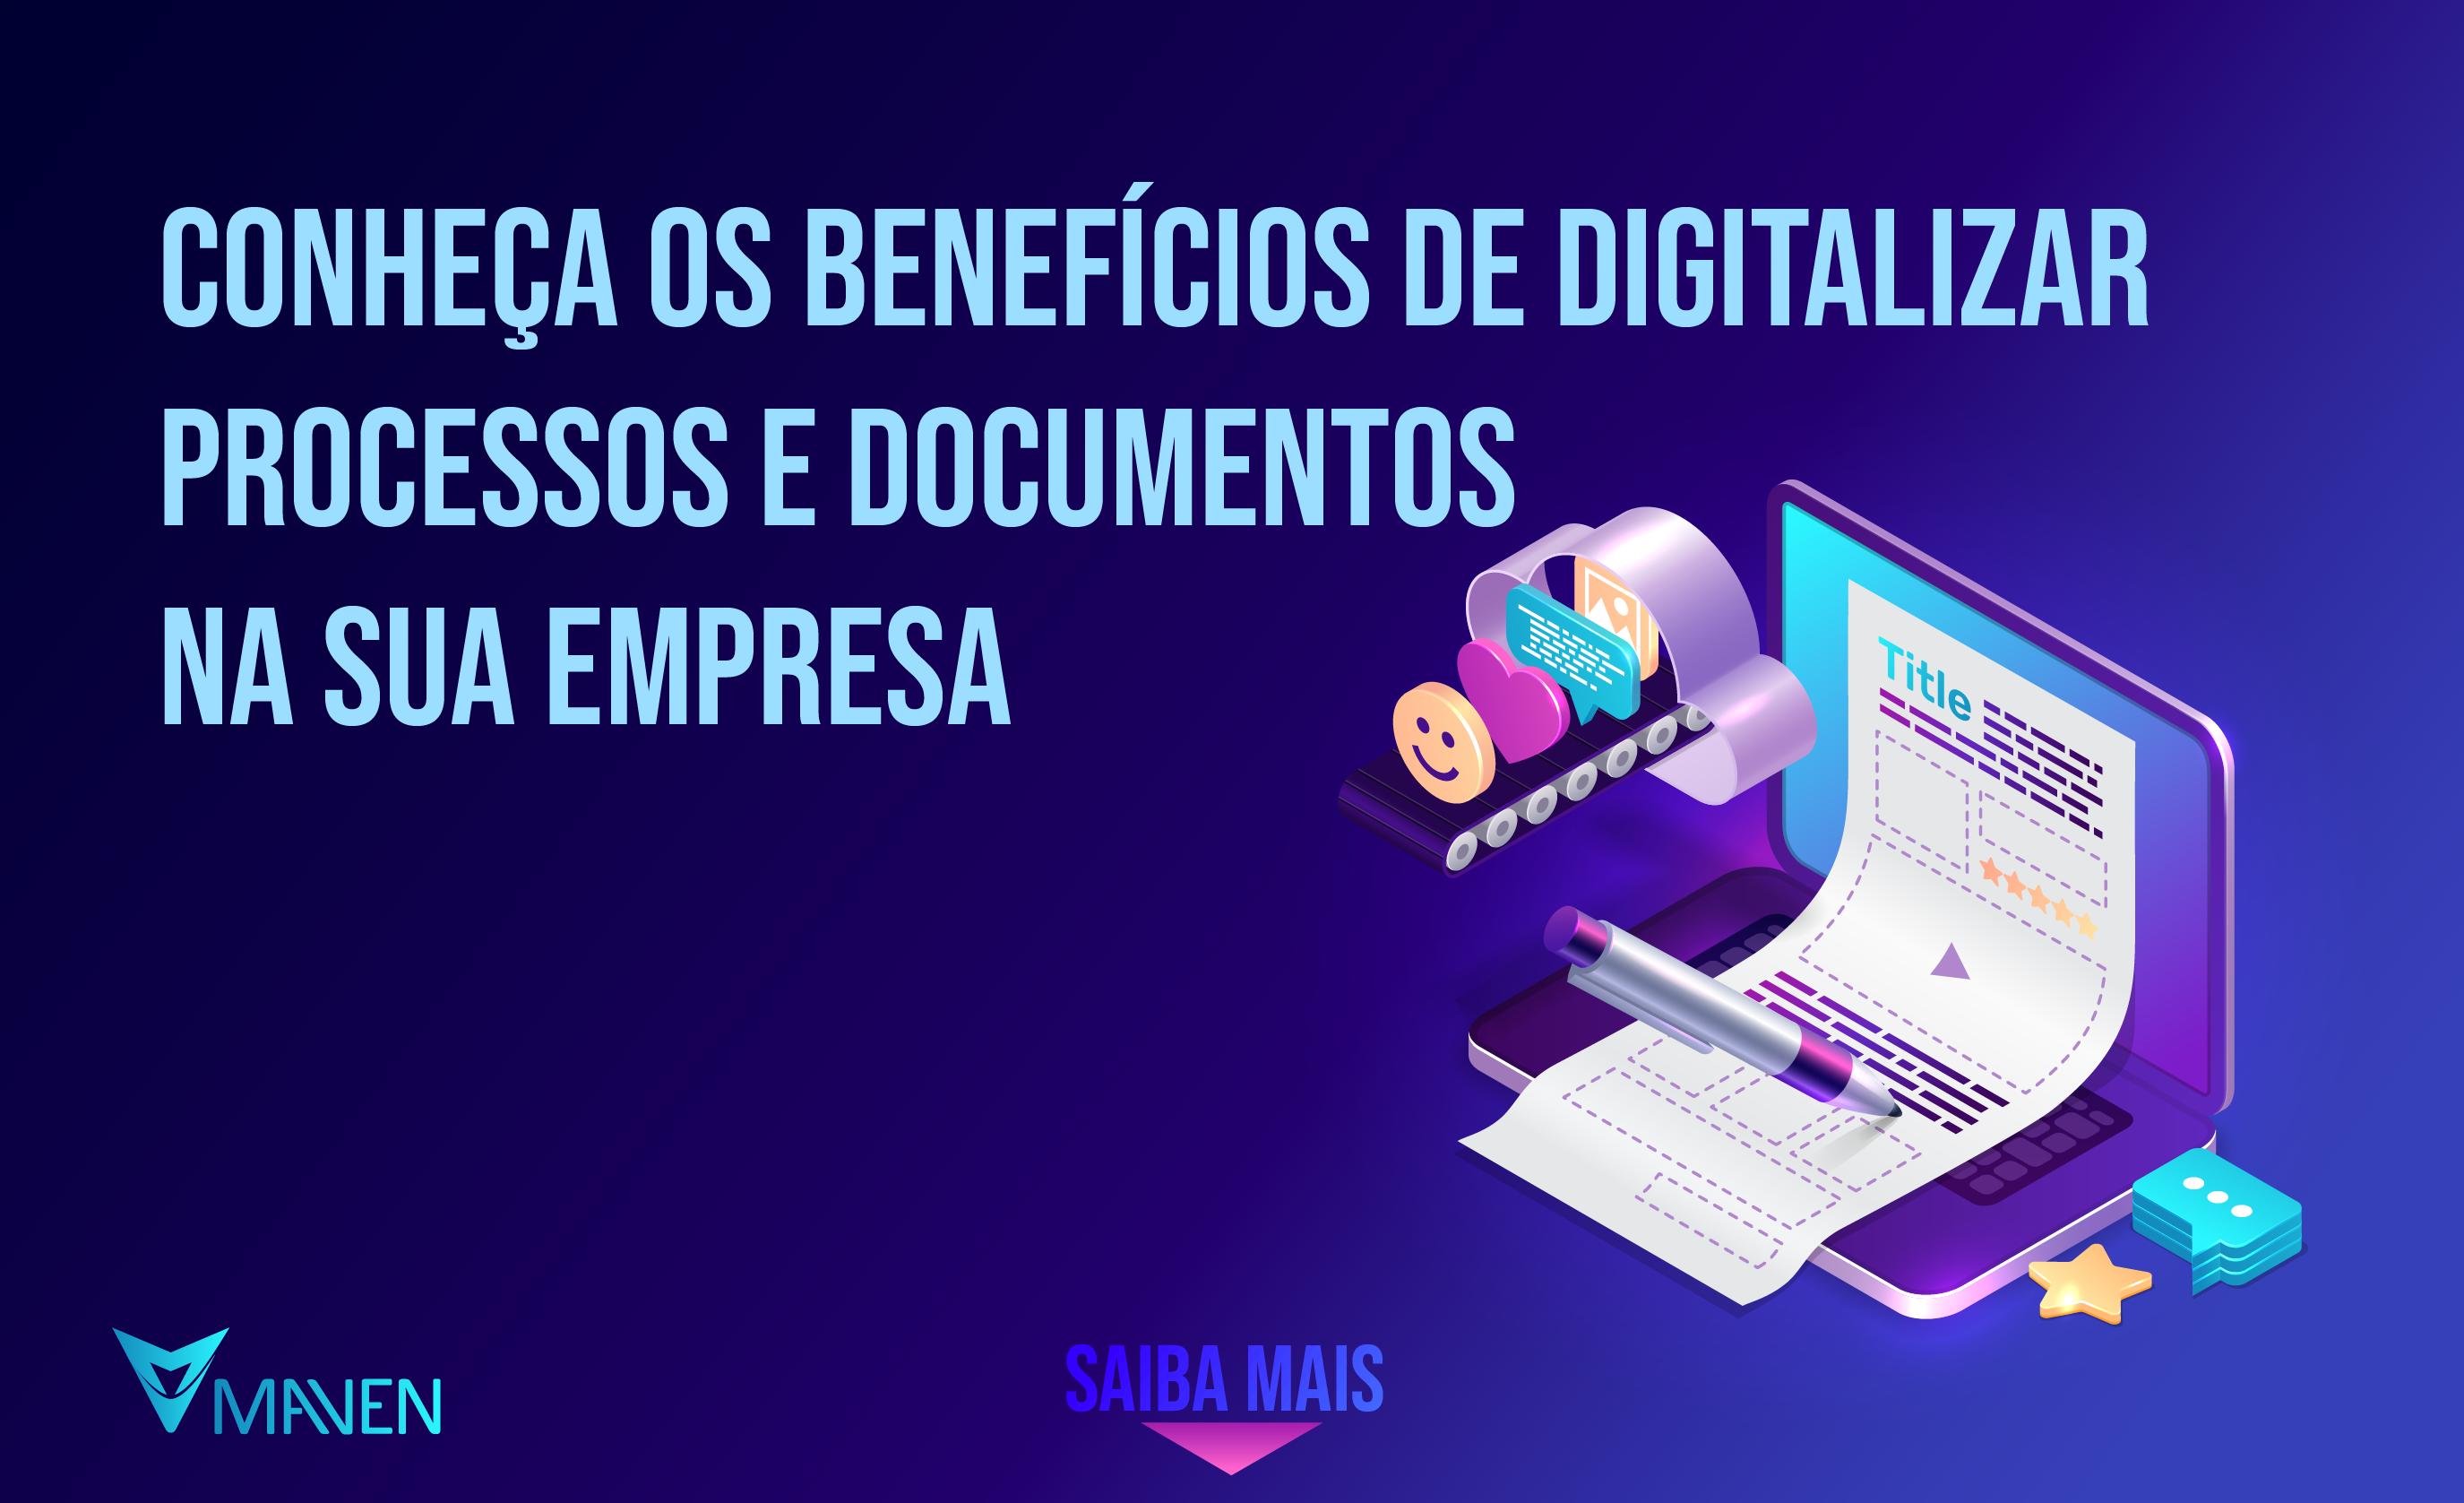 Conheça os benefícios de digitalizar processos e documentos na sua empresa